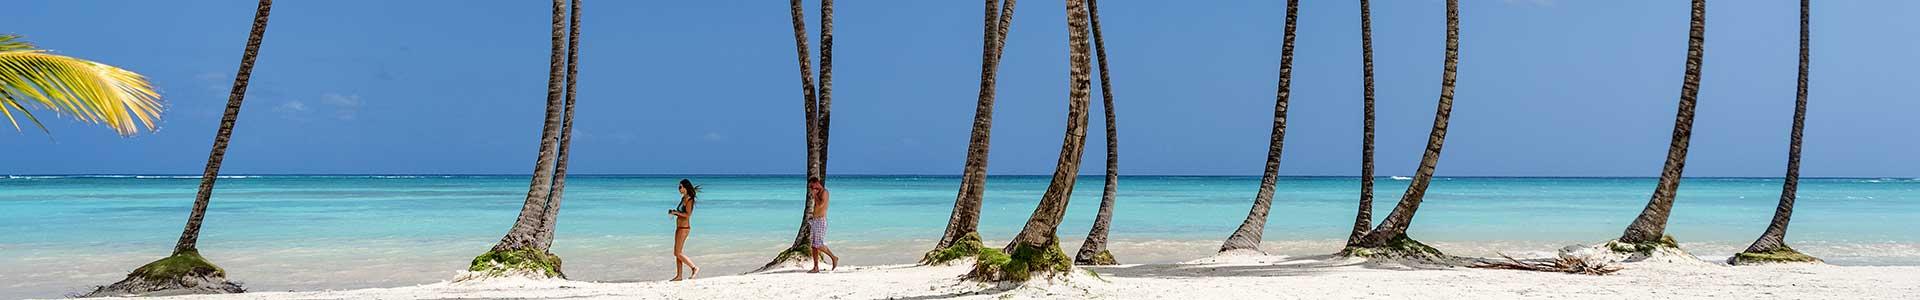 Voyage en Rep. Dominicaine - TUI